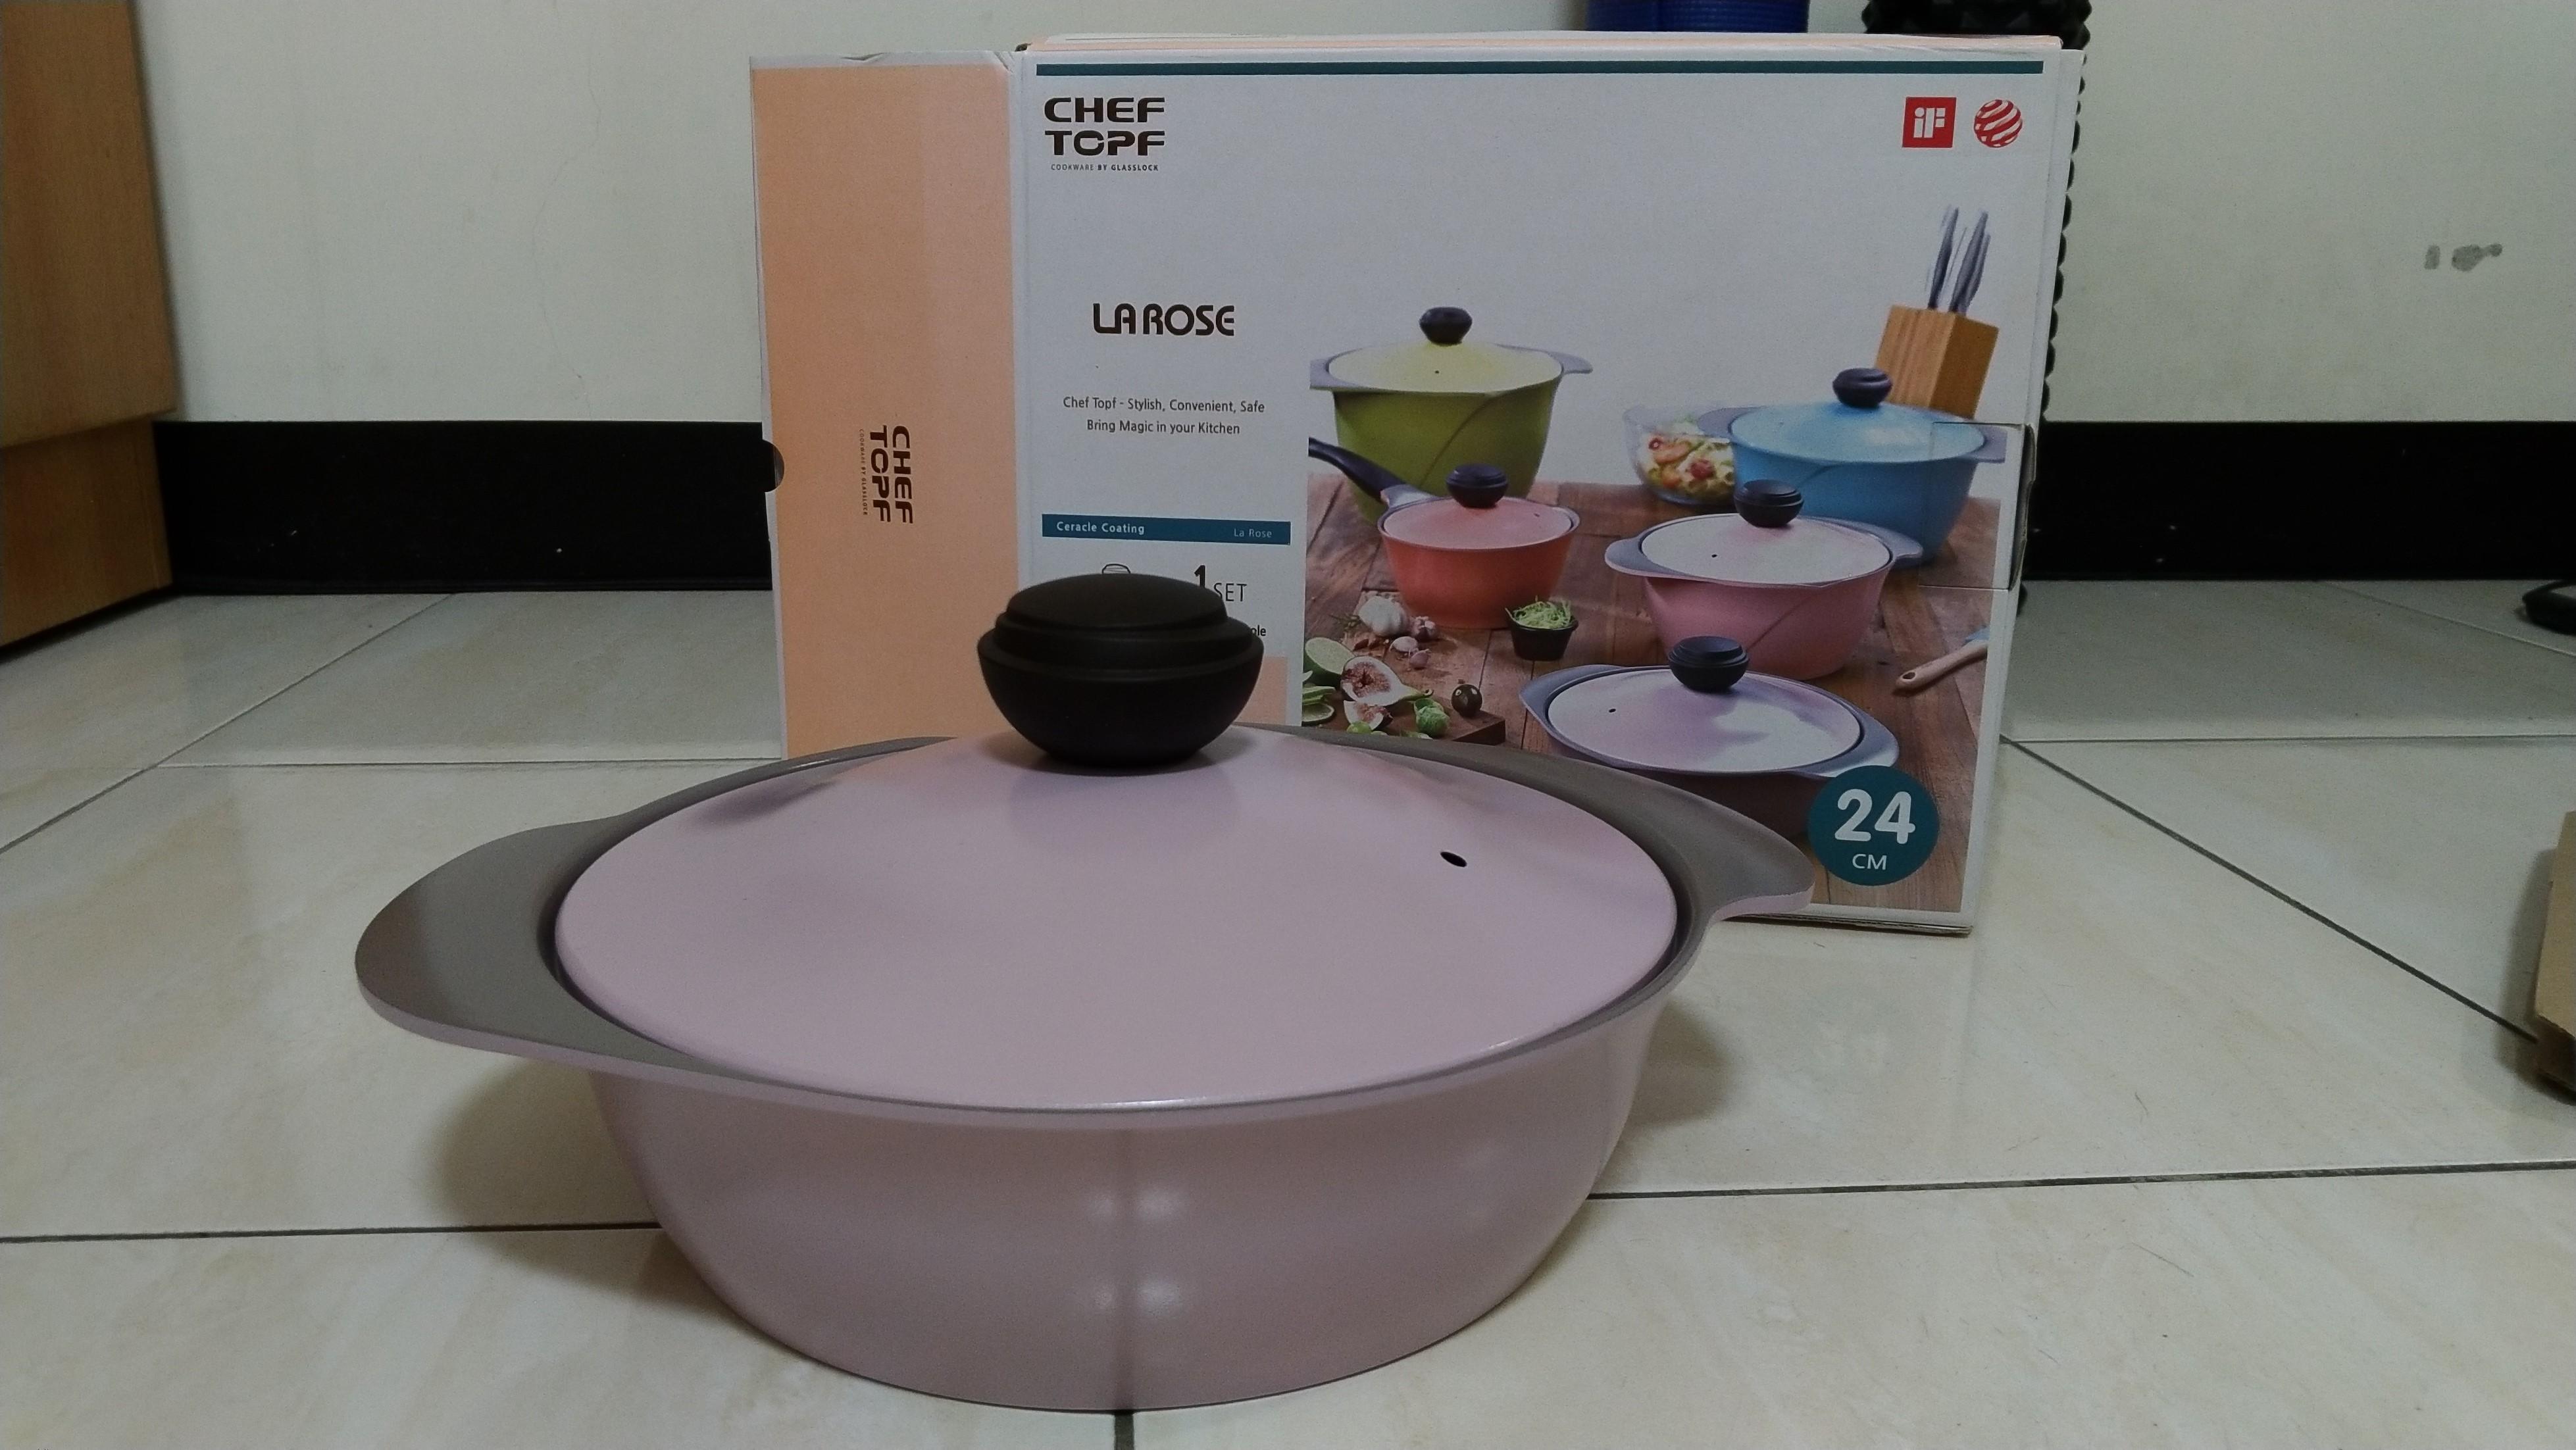 Chef topf 玫瑰鍋 24cm雙柄火鍋湯鍋